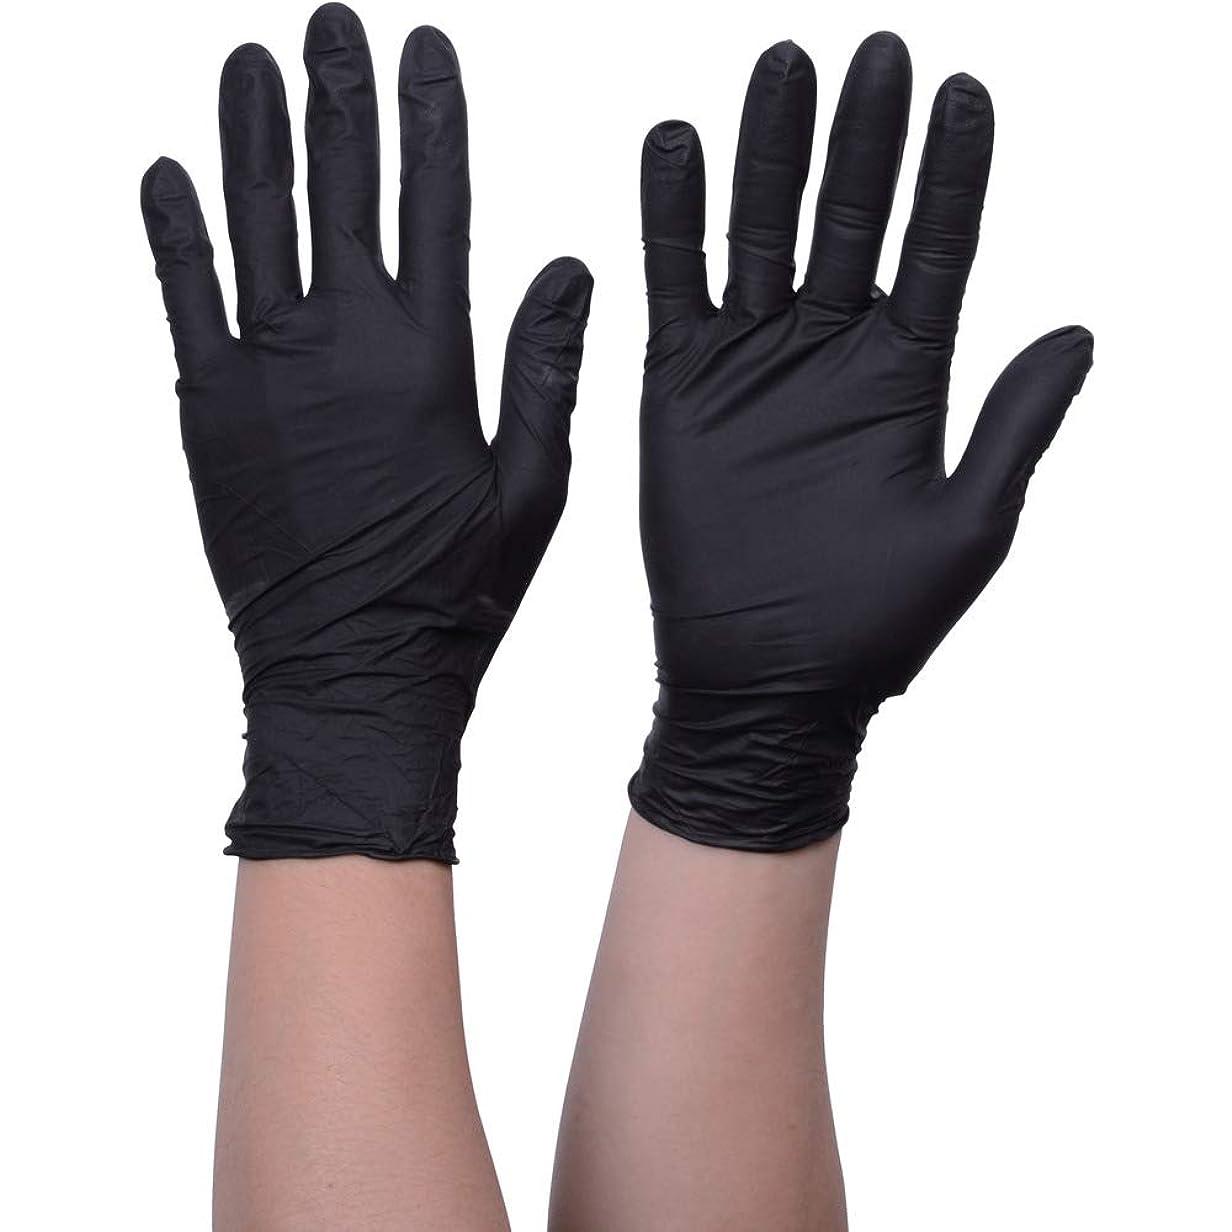 スカルク消毒する難破船TRUSCO(トラスコ) 使い捨てニトリル手袋TGスタンダード 0.08粉無黒S 100枚 TGNN08BKS